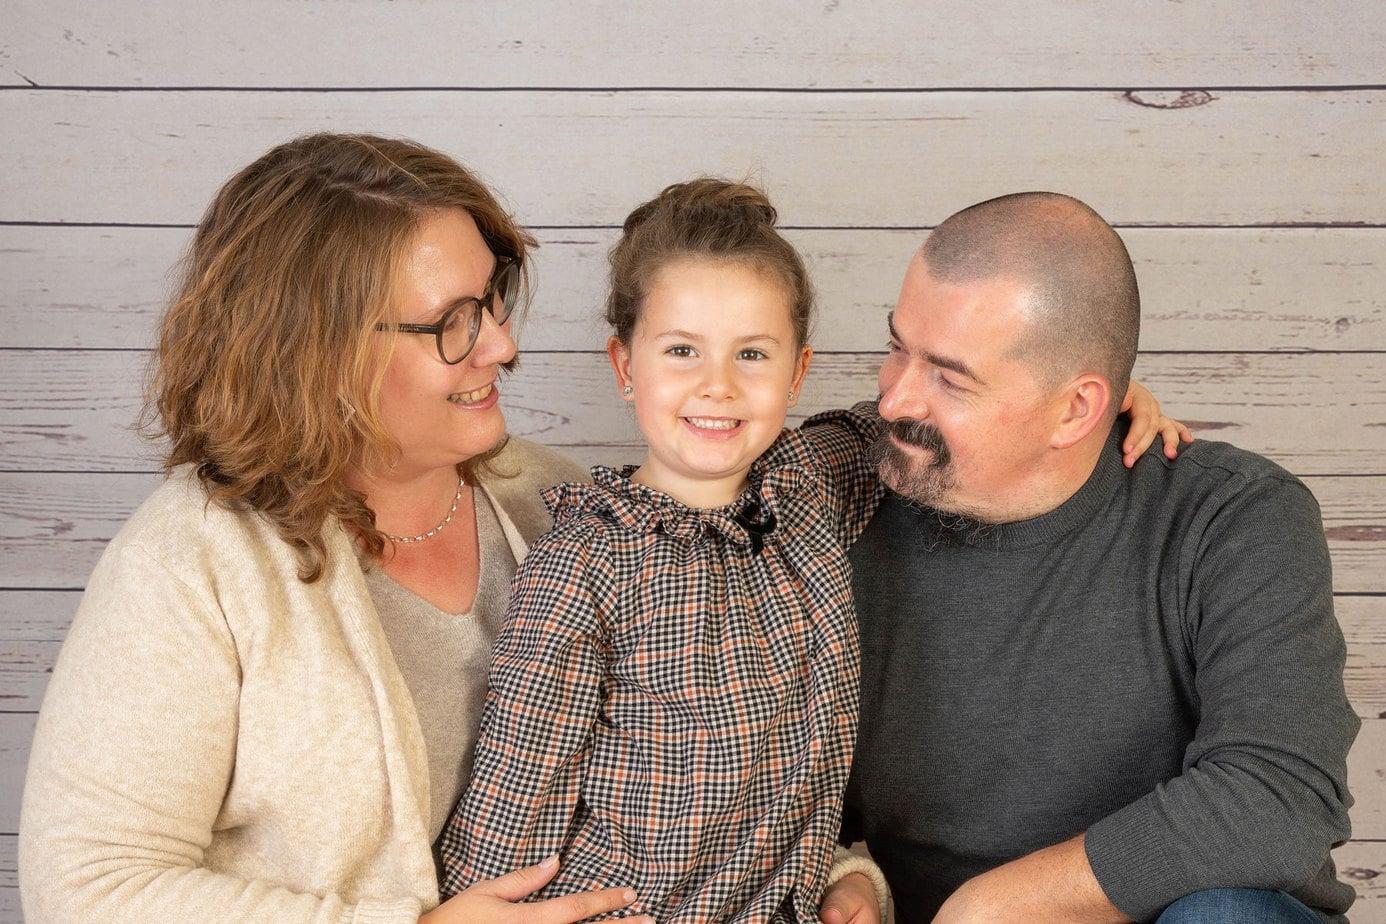 Familienfotos in der Kita